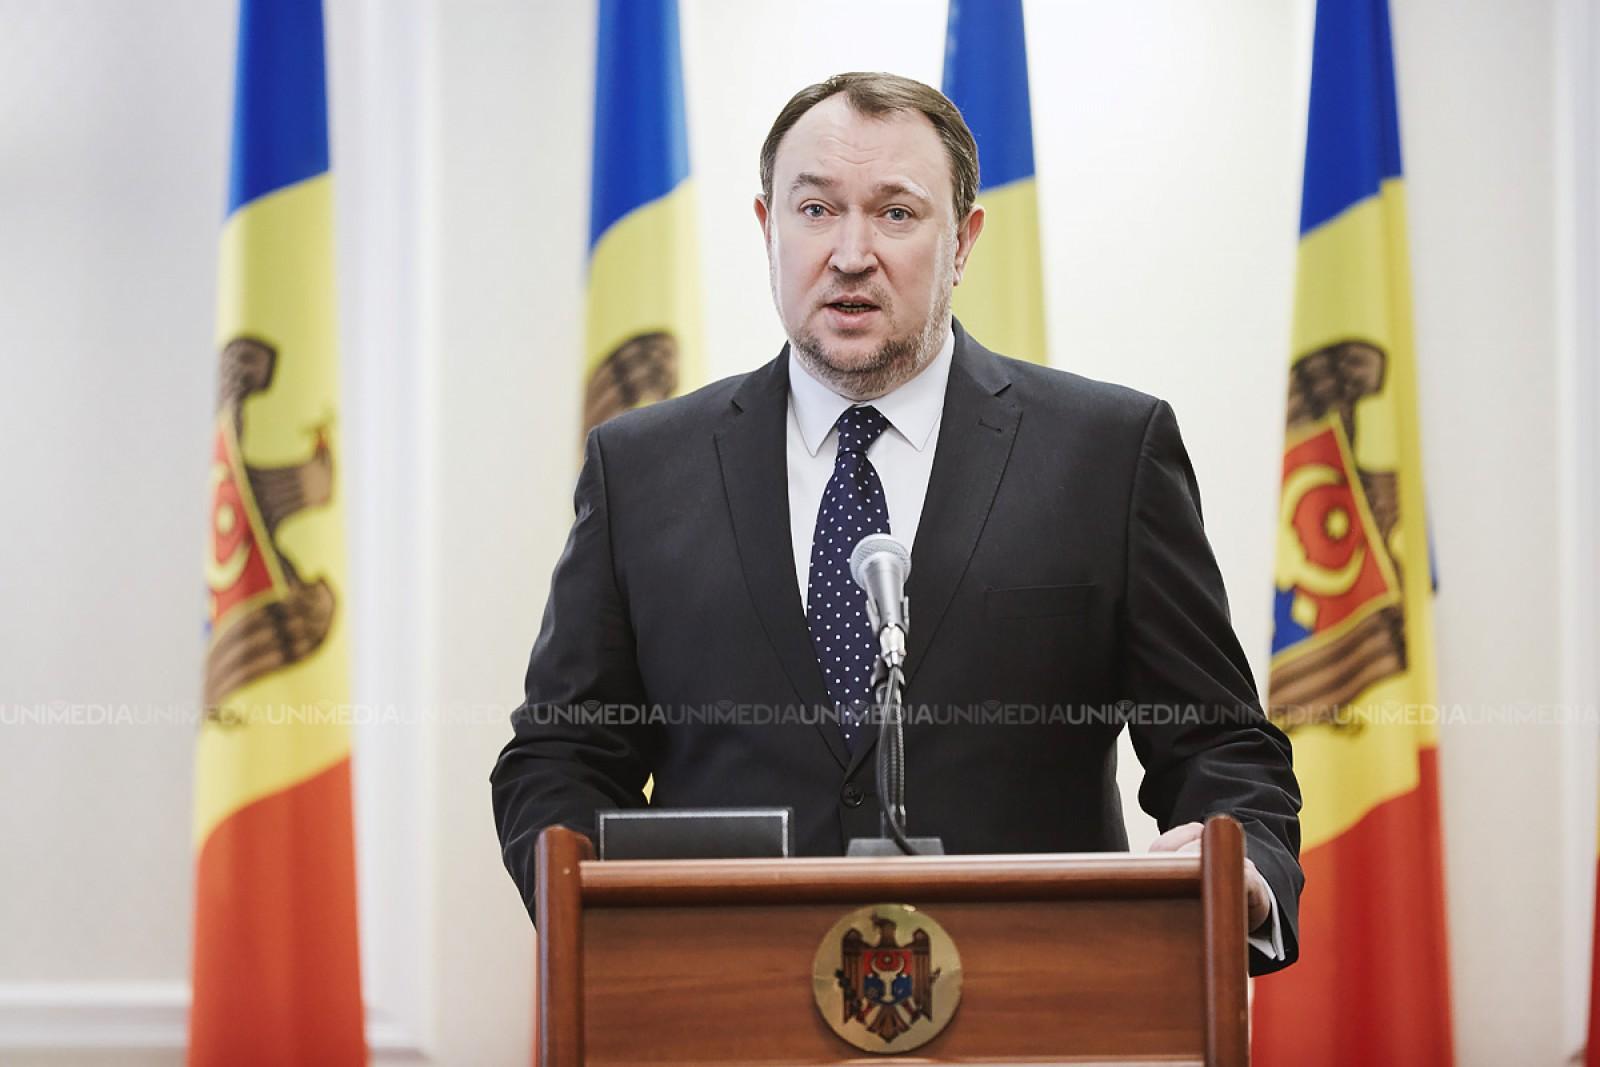 Ultima oră! Alexandru Tănase și-a anunțat demisia din funcția de ministru al Justiției